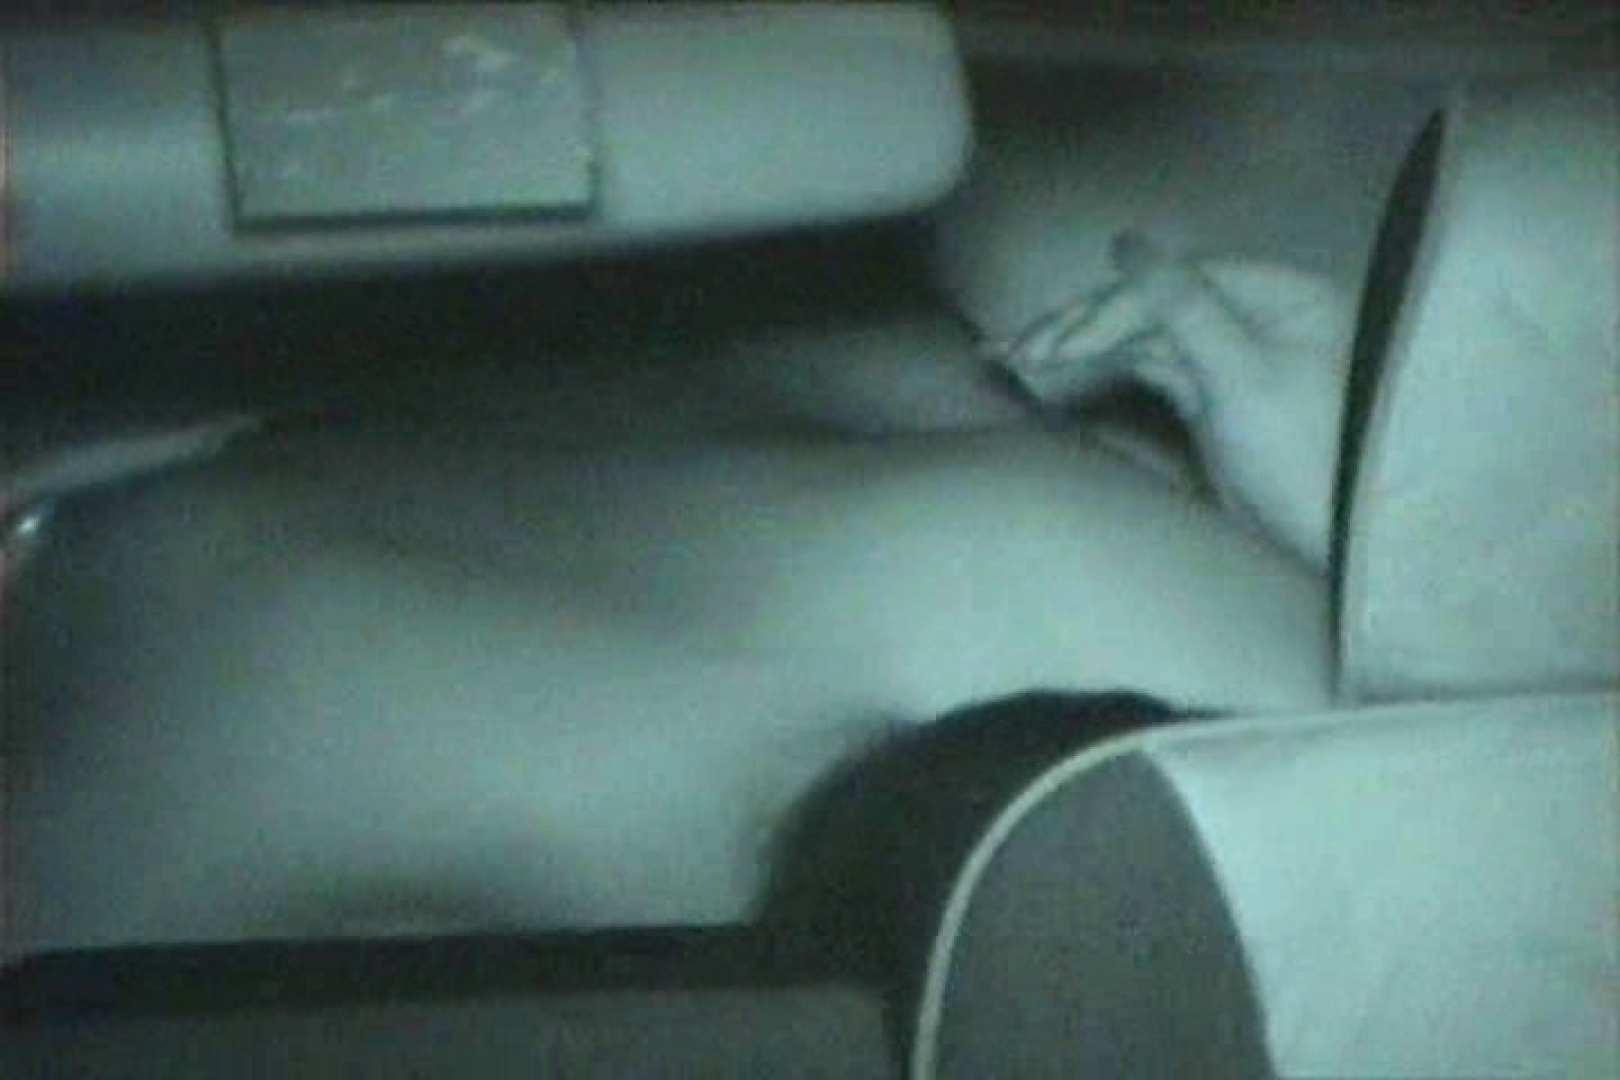 車の中はラブホテル 無修正版  Vol.24 車の中のカップル | ホテル  102画像 71